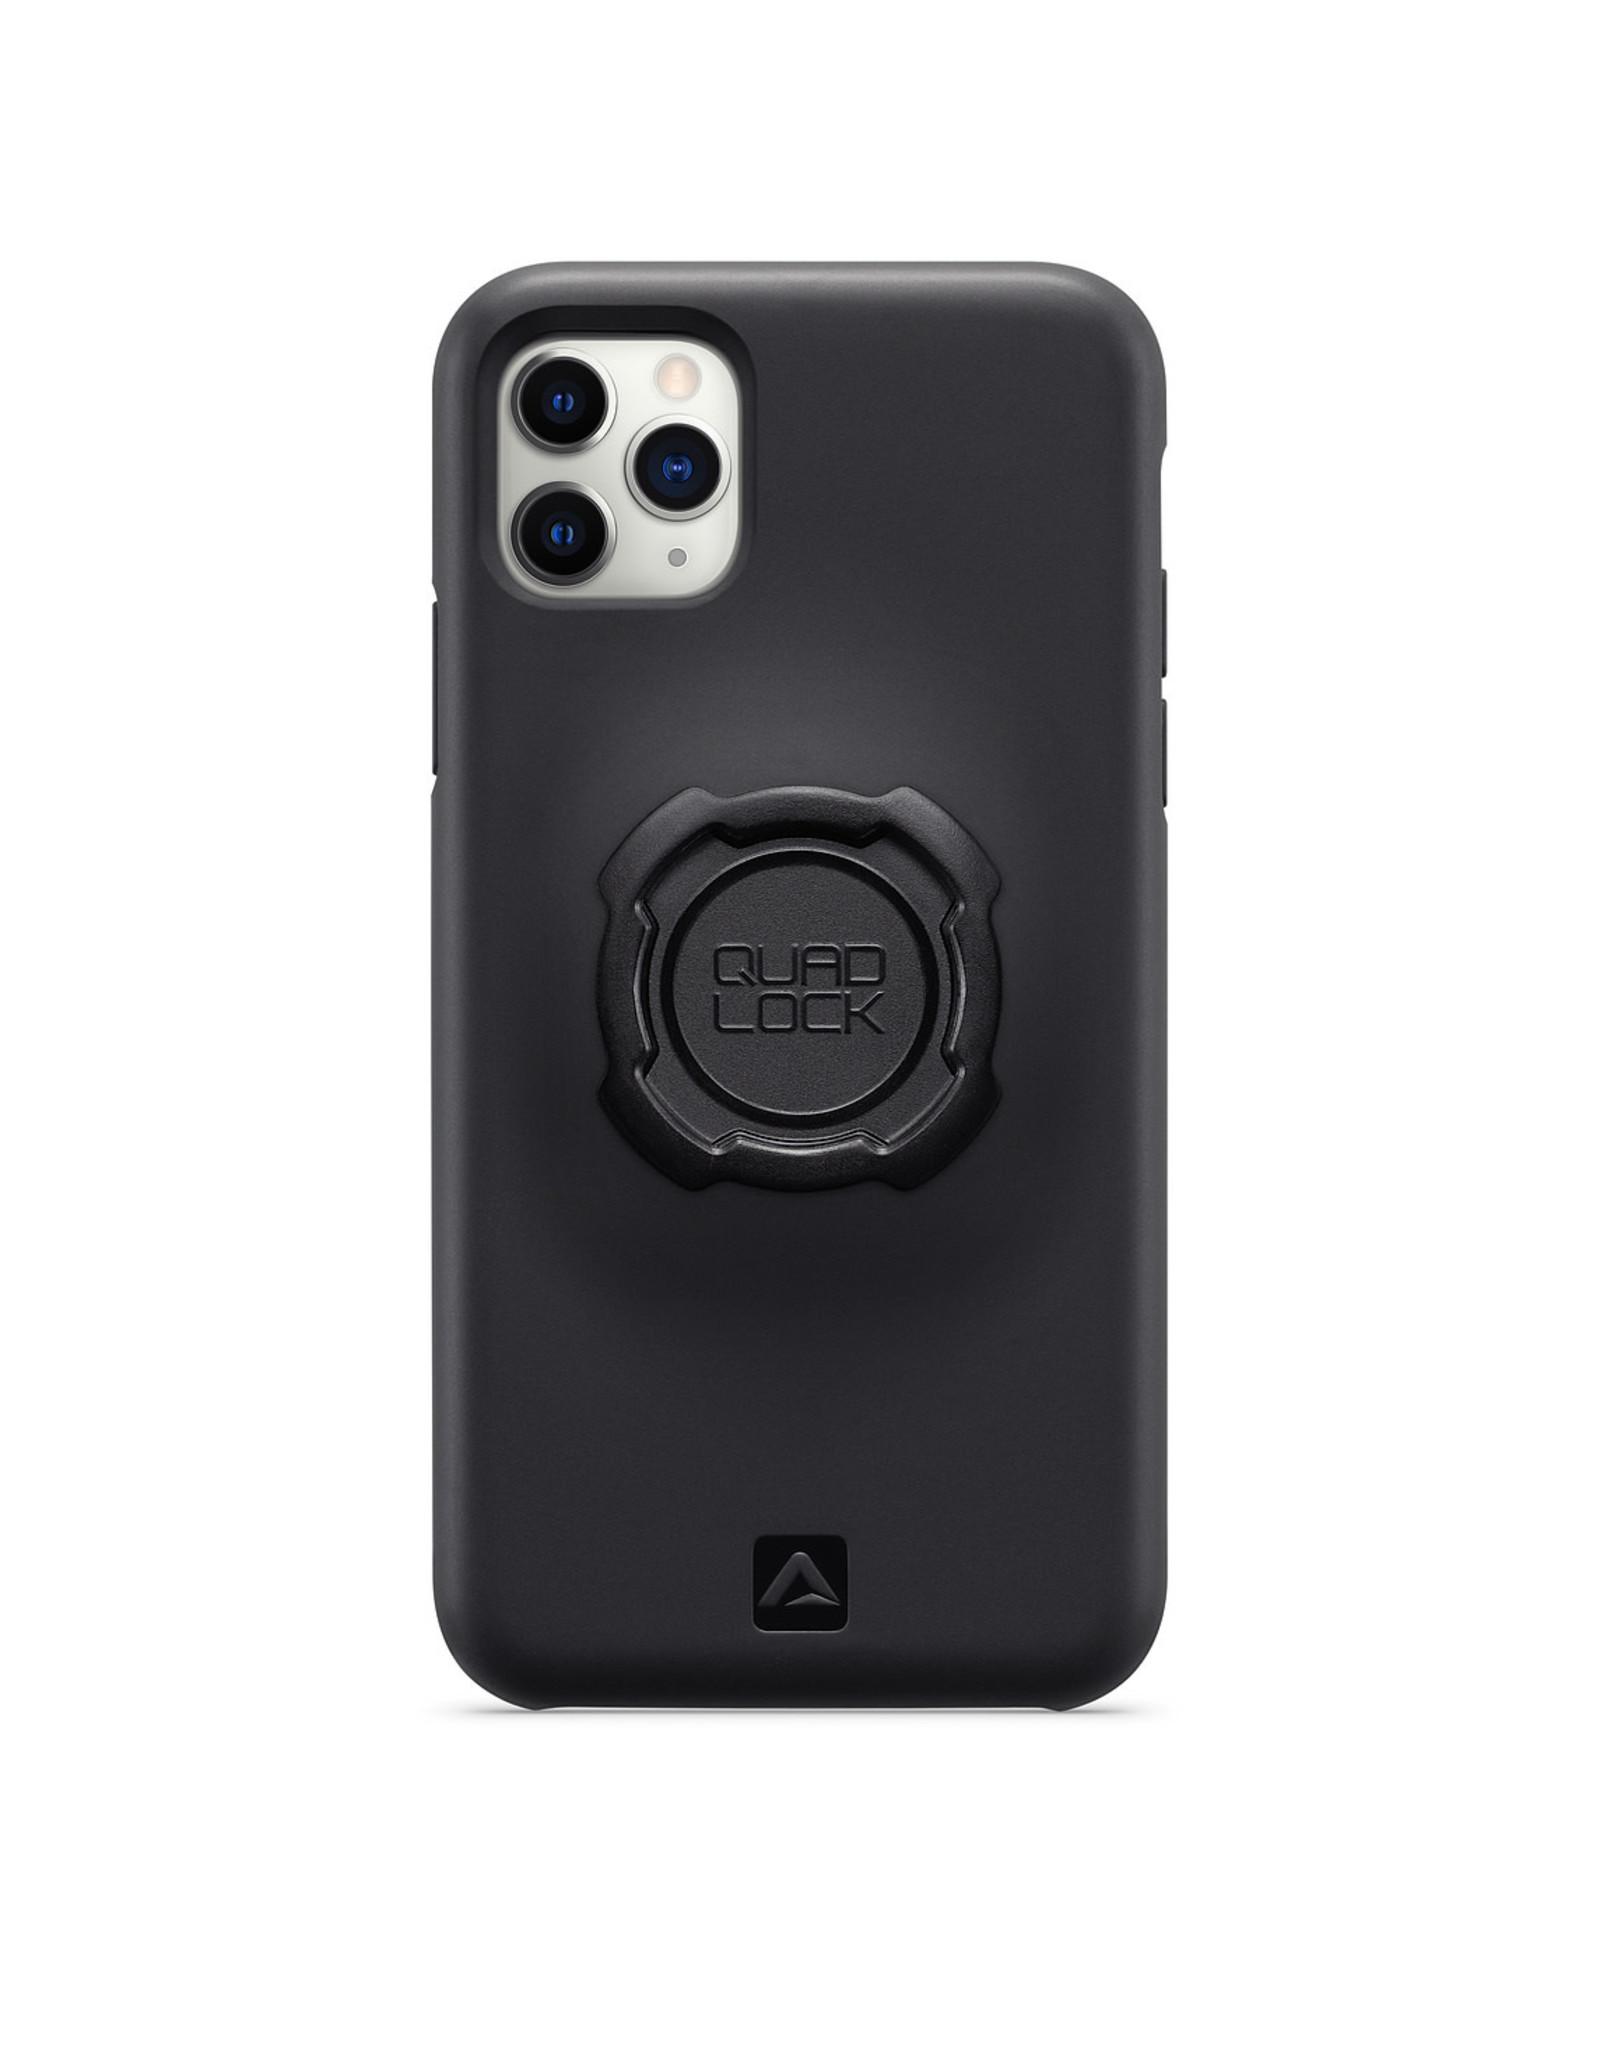 Quad Lock iPhone 11 Pro Phone Mount Case